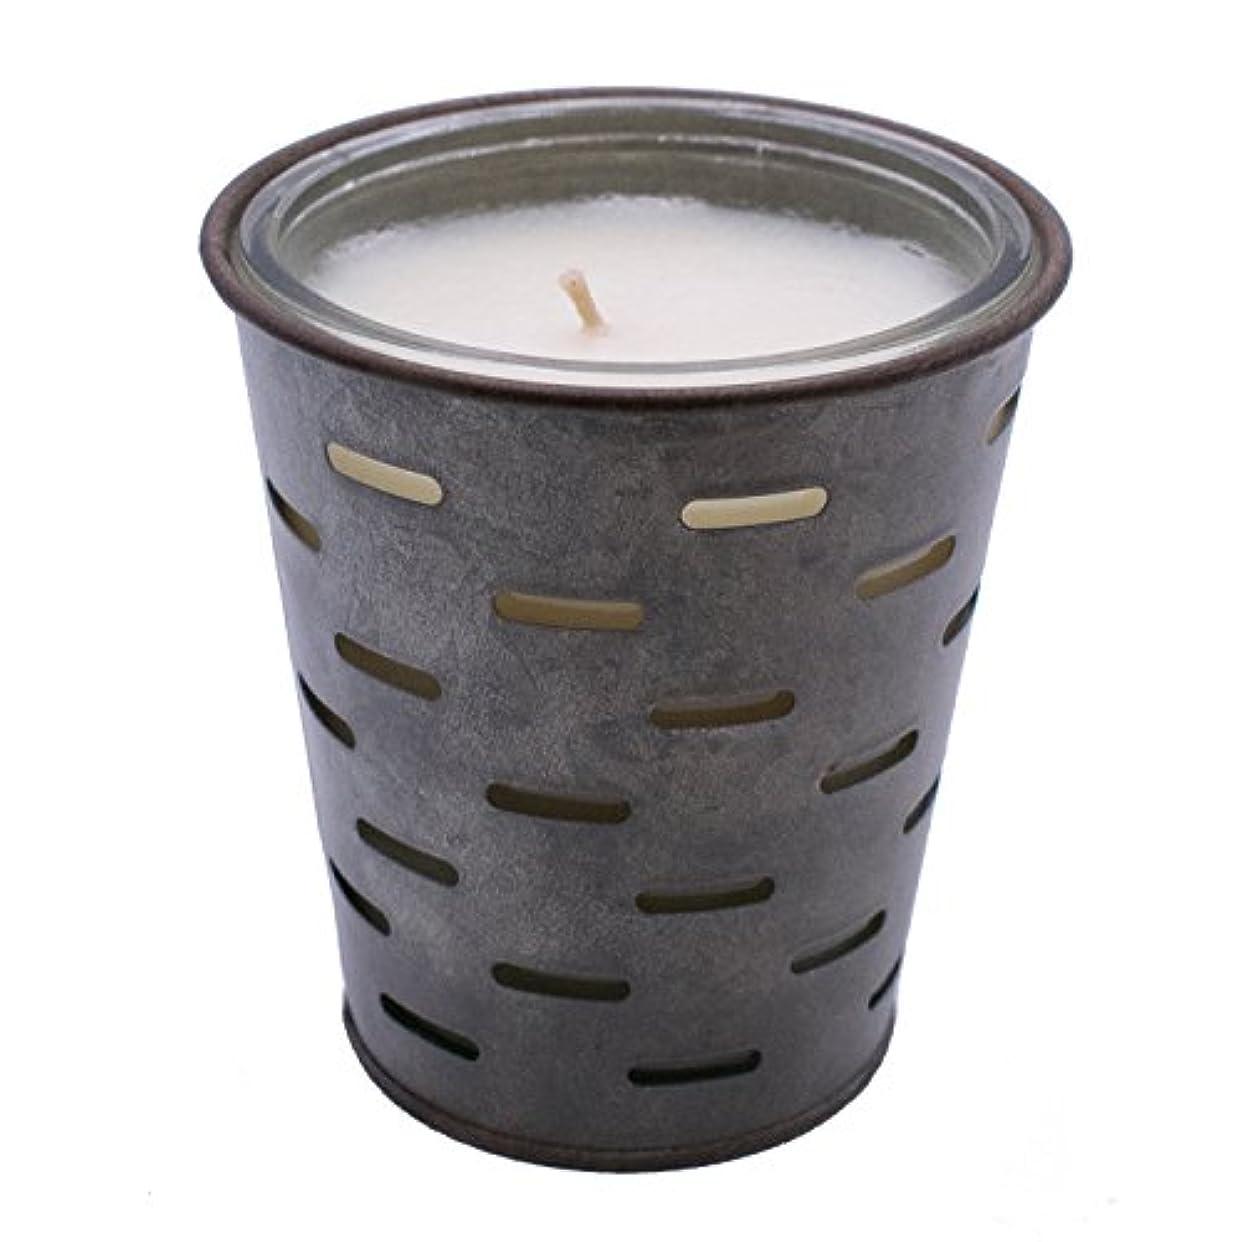 ペン自分の博覧会Sweetオリーブ、オリーブバケットFragrance Candle優れ、香り、ガラスJar in Tin Pot亜鉛メッキ、13oz